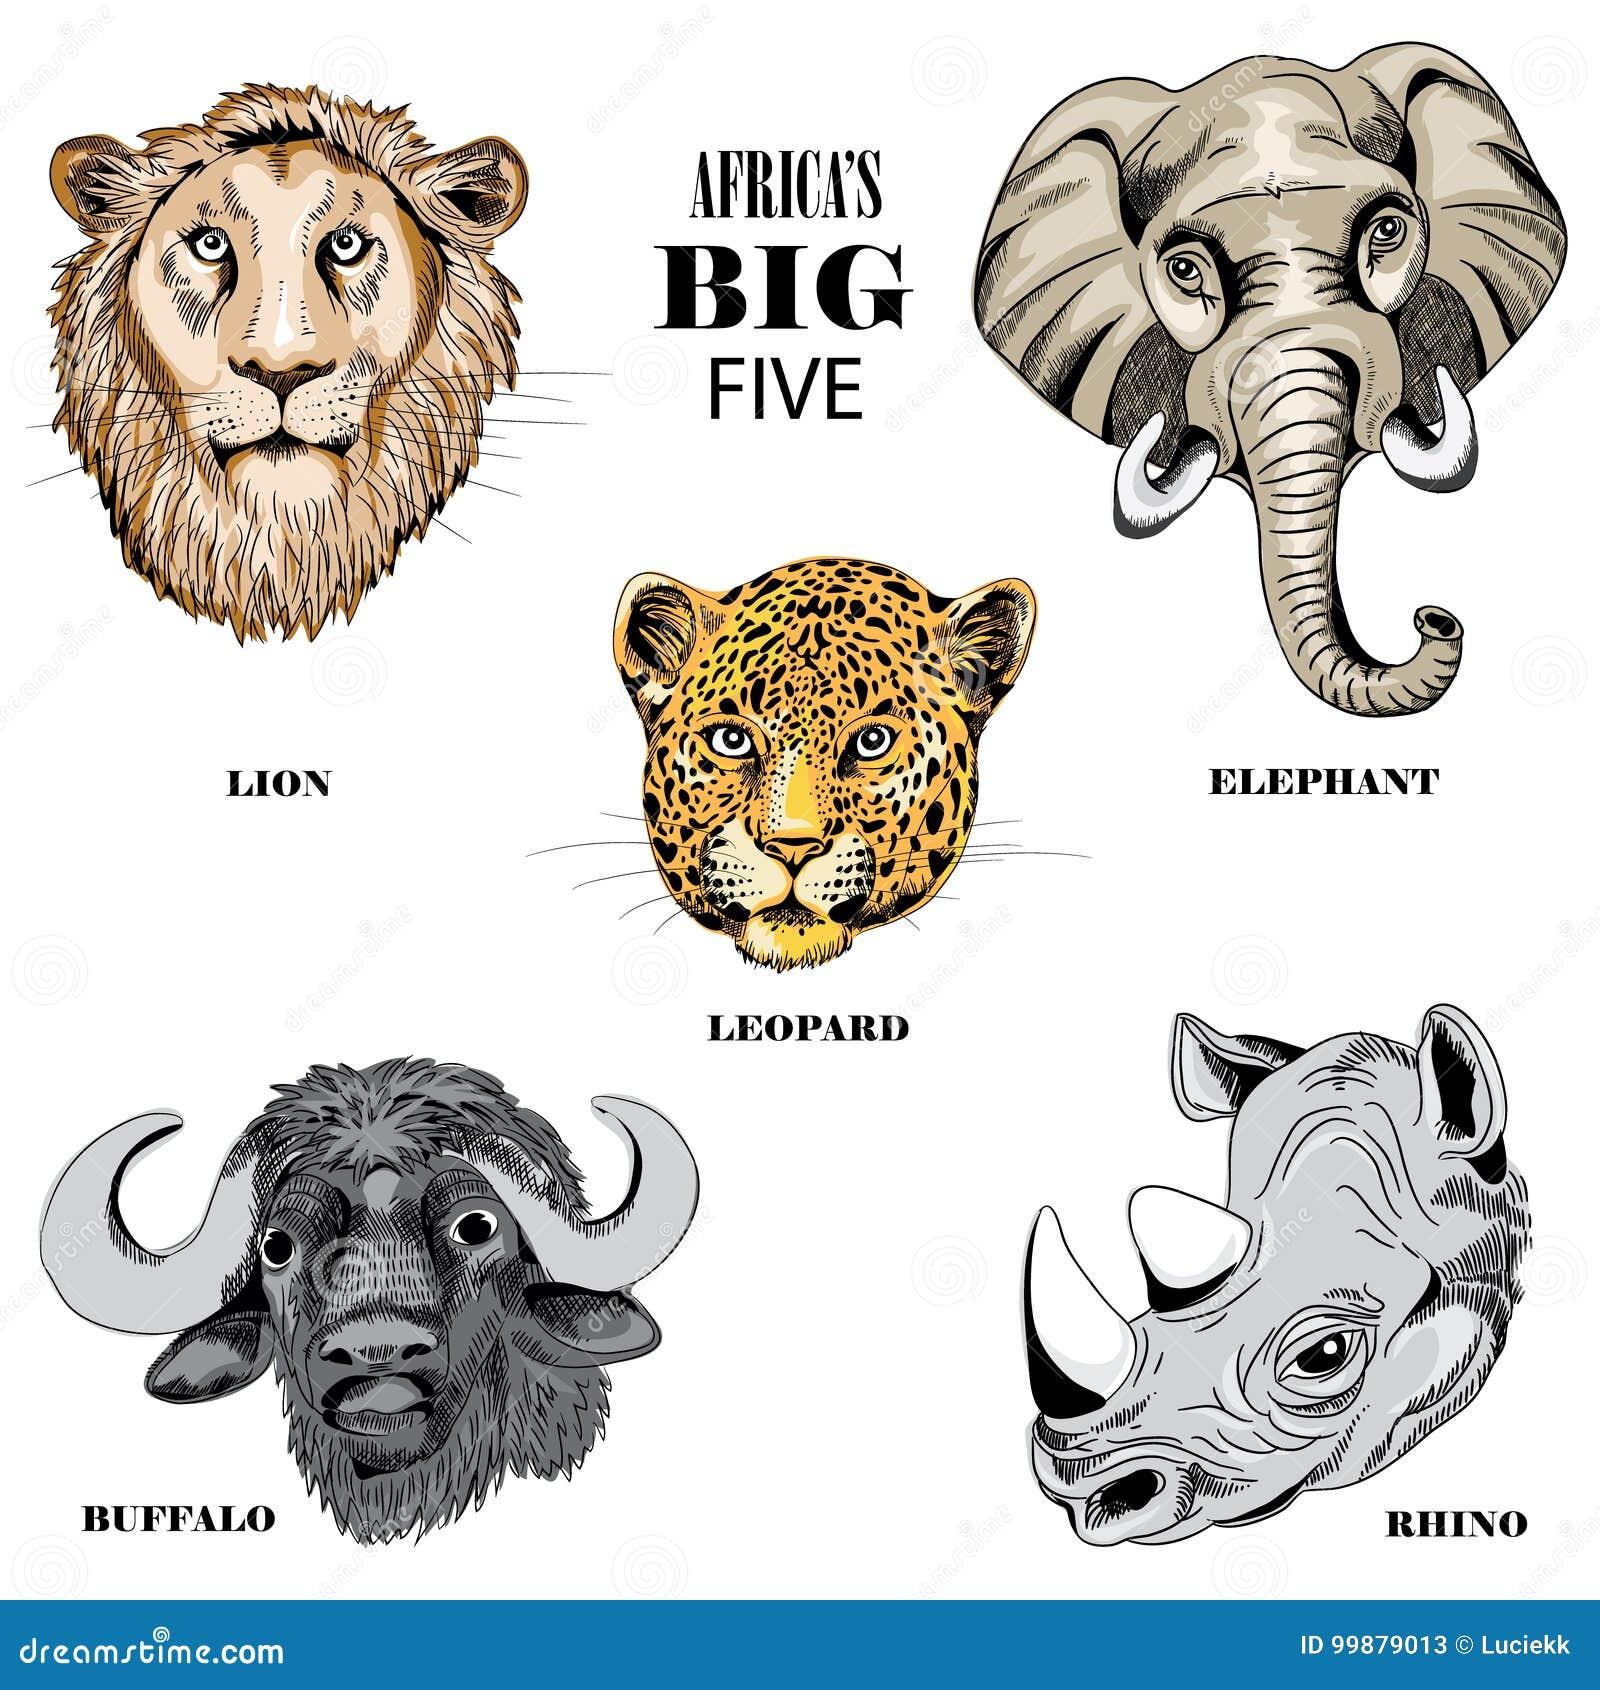 inzameling dieren afrika s grote vijf vector